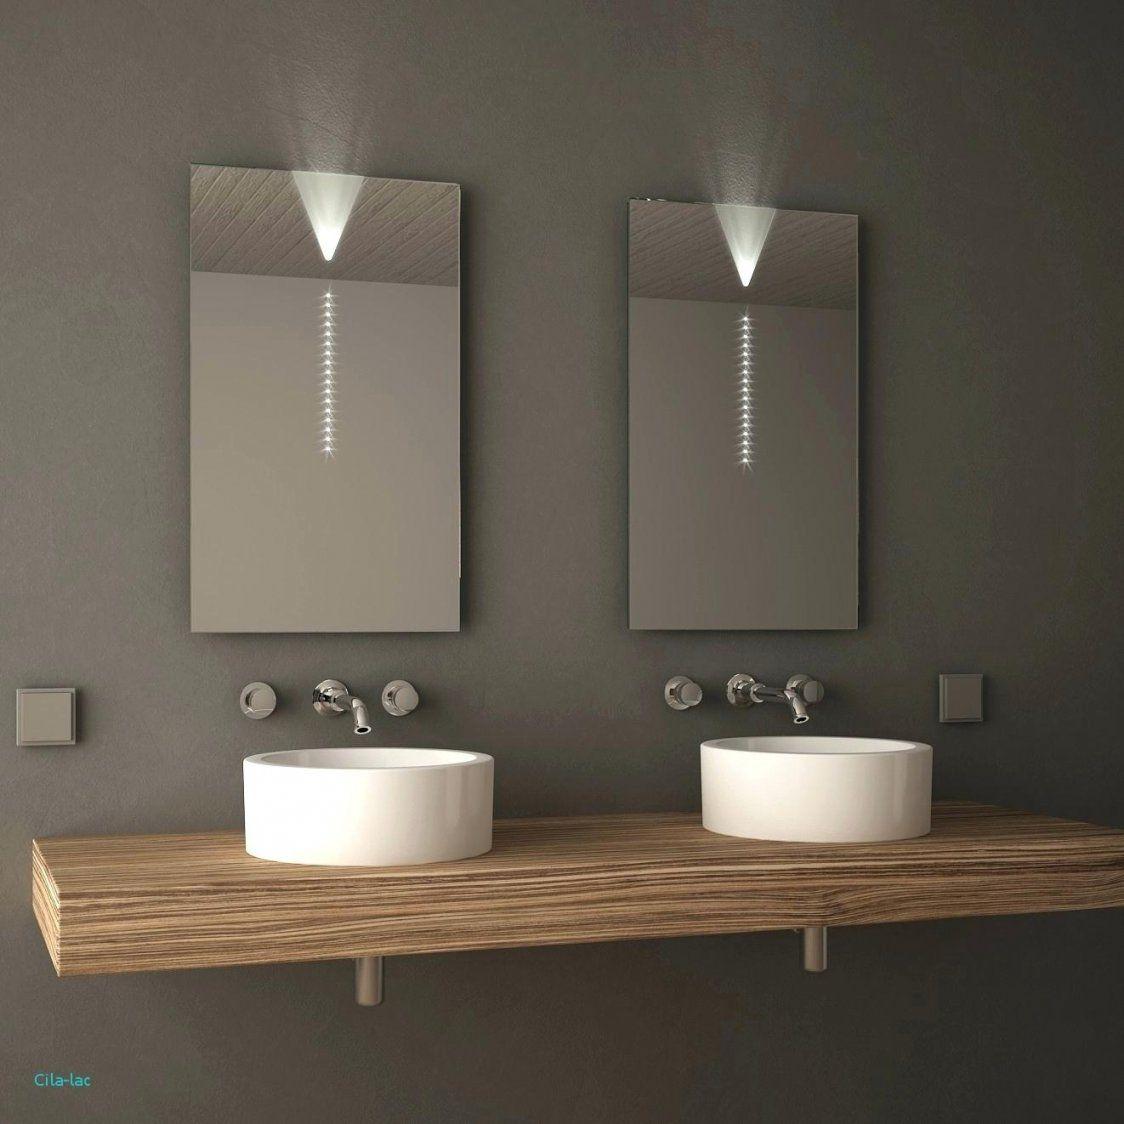 Badezimmerleuchten Led Spiegel Mit Steckdose Einzigartige 93 Images von Led Spiegel Mit Steckdose Bild